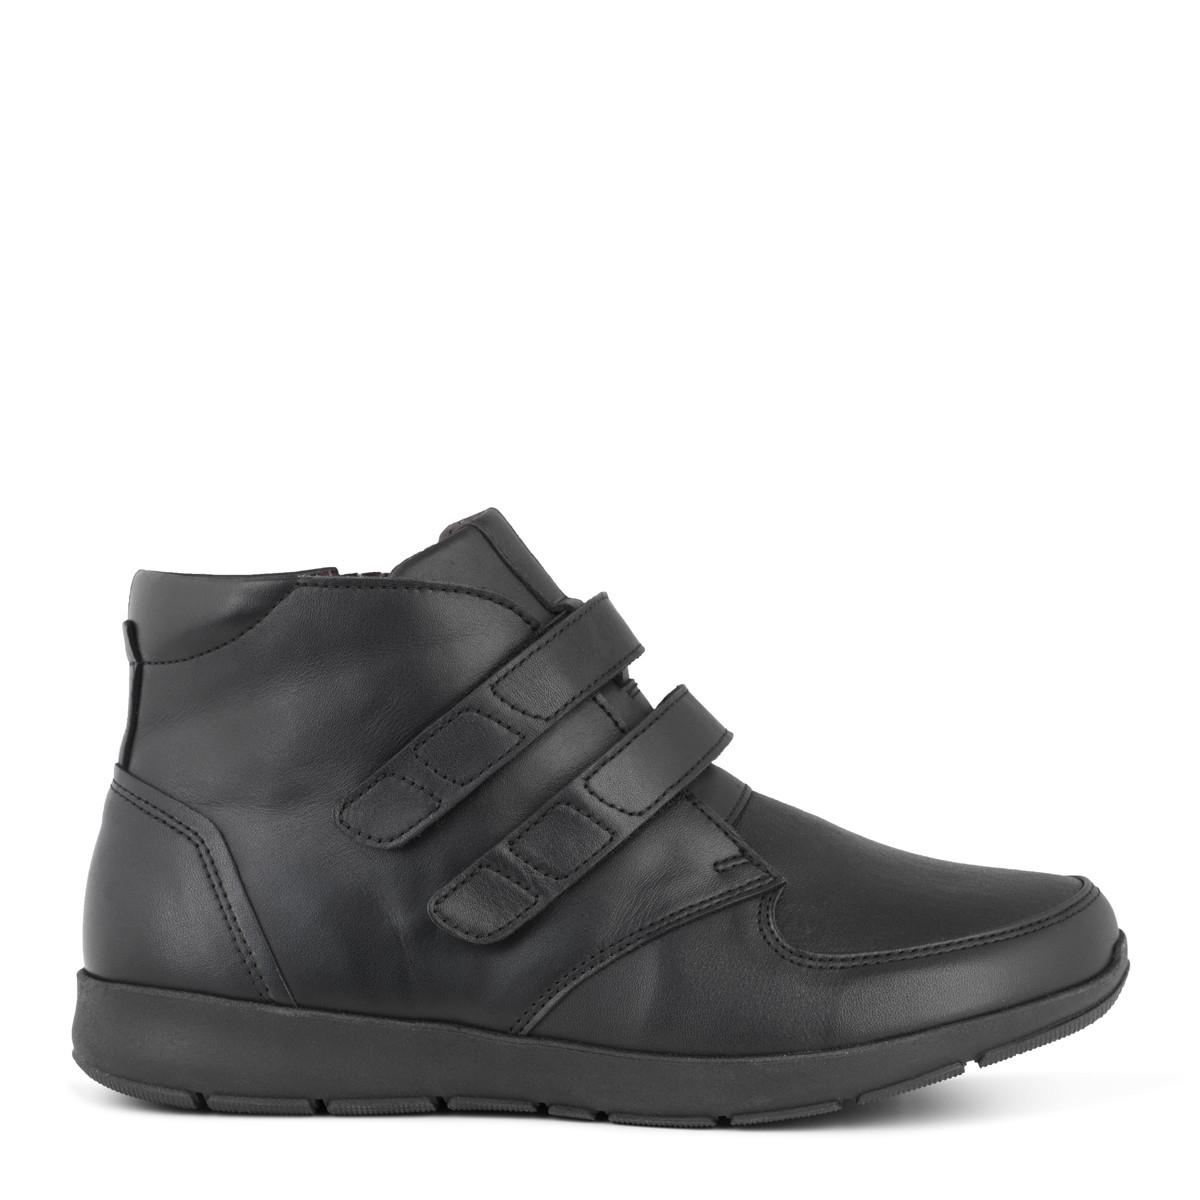 New Feet damestøvle i strækskind med velcrolukning fra